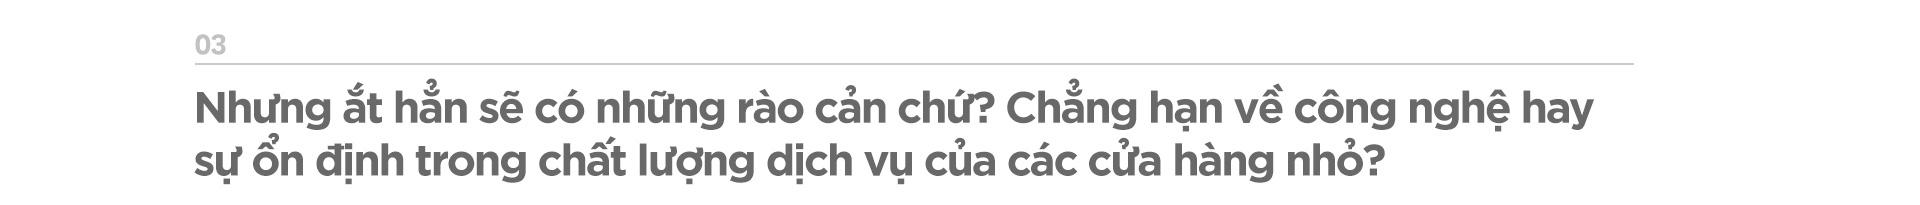 Tổng giám đốc Gojek Việt Nam: Trong nền kinh tế số, chúng tôi chia sẻ với đối tác - Ảnh 6.